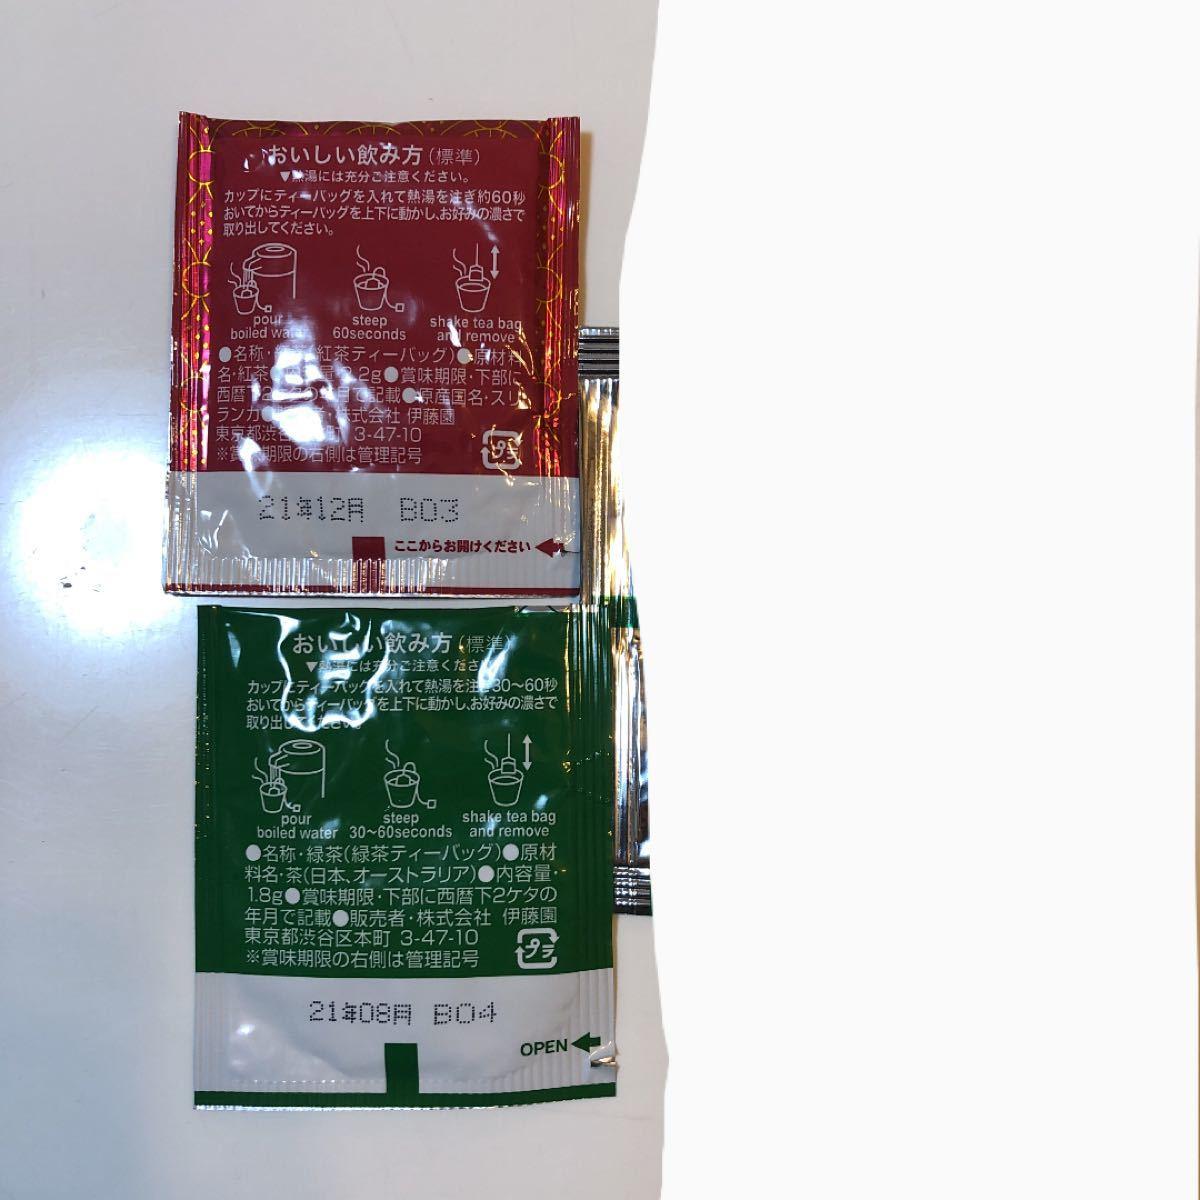 ティーバッグ#67こセット#ロイヤルパークホテル#三井ガーデンホテル